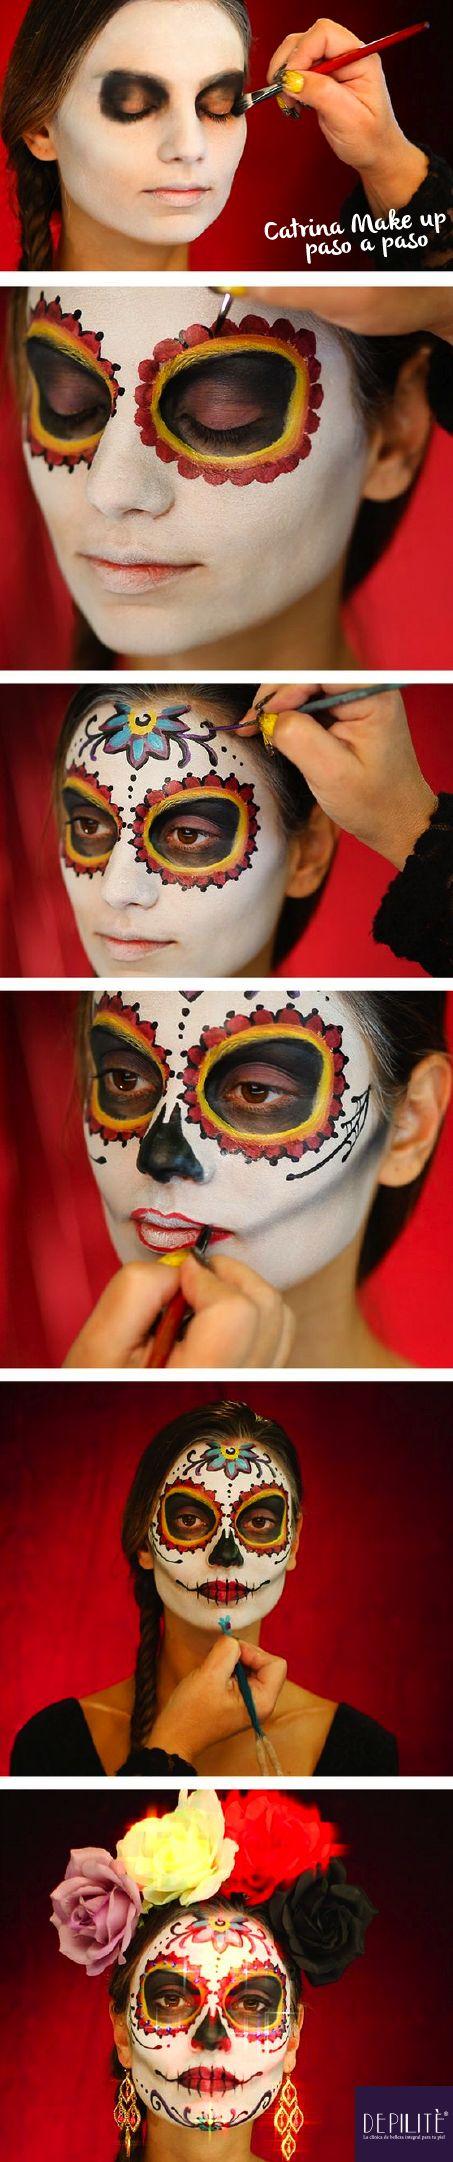 Cómo maquillar a La Catrina: paso a paso:  1.Se aplica una base de maquillaje blanca. 2.Se rellenan con maquillaje negro los círculos de los ojos. 3.Se maquilla de negro un triángulo sobre la punta de la nariz. 4.Con un pincel, dibuja cuadros negros sobre los labios a modo de diente. 5.Da profundidad al rostro aplicando negro alrededor de las aletas de la nariz. #Depilitè #MakeUp #Maquillaje #Haloween #Octubre #DíaDeMuertos #Brujas #Catrina